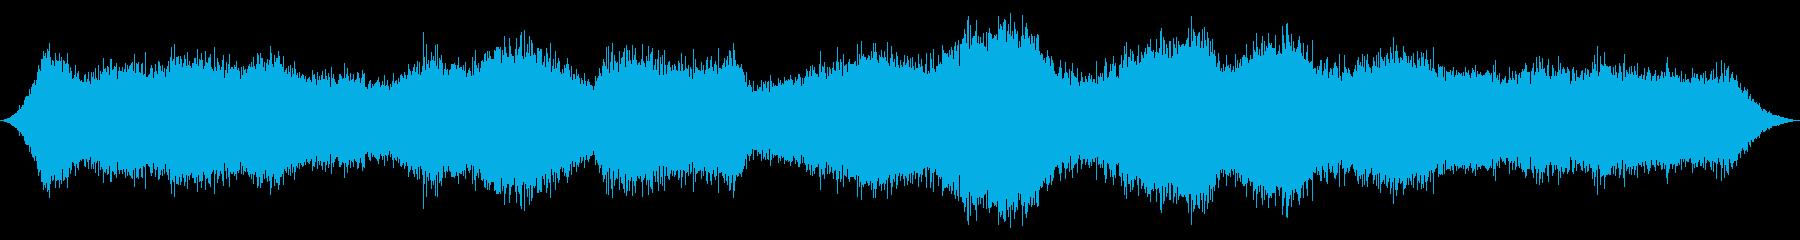 オーシャン:波が中程度の激しい波の再生済みの波形